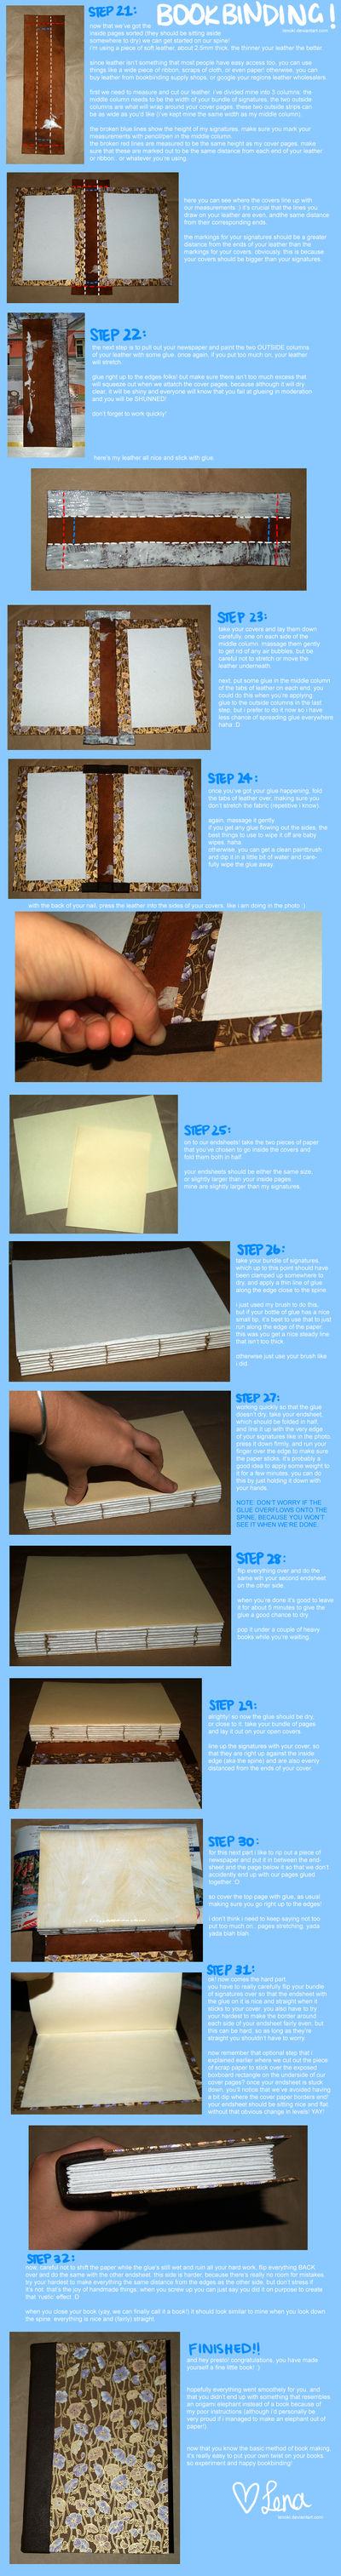 BOOKBINDING TUTORIAL part II by lenoki